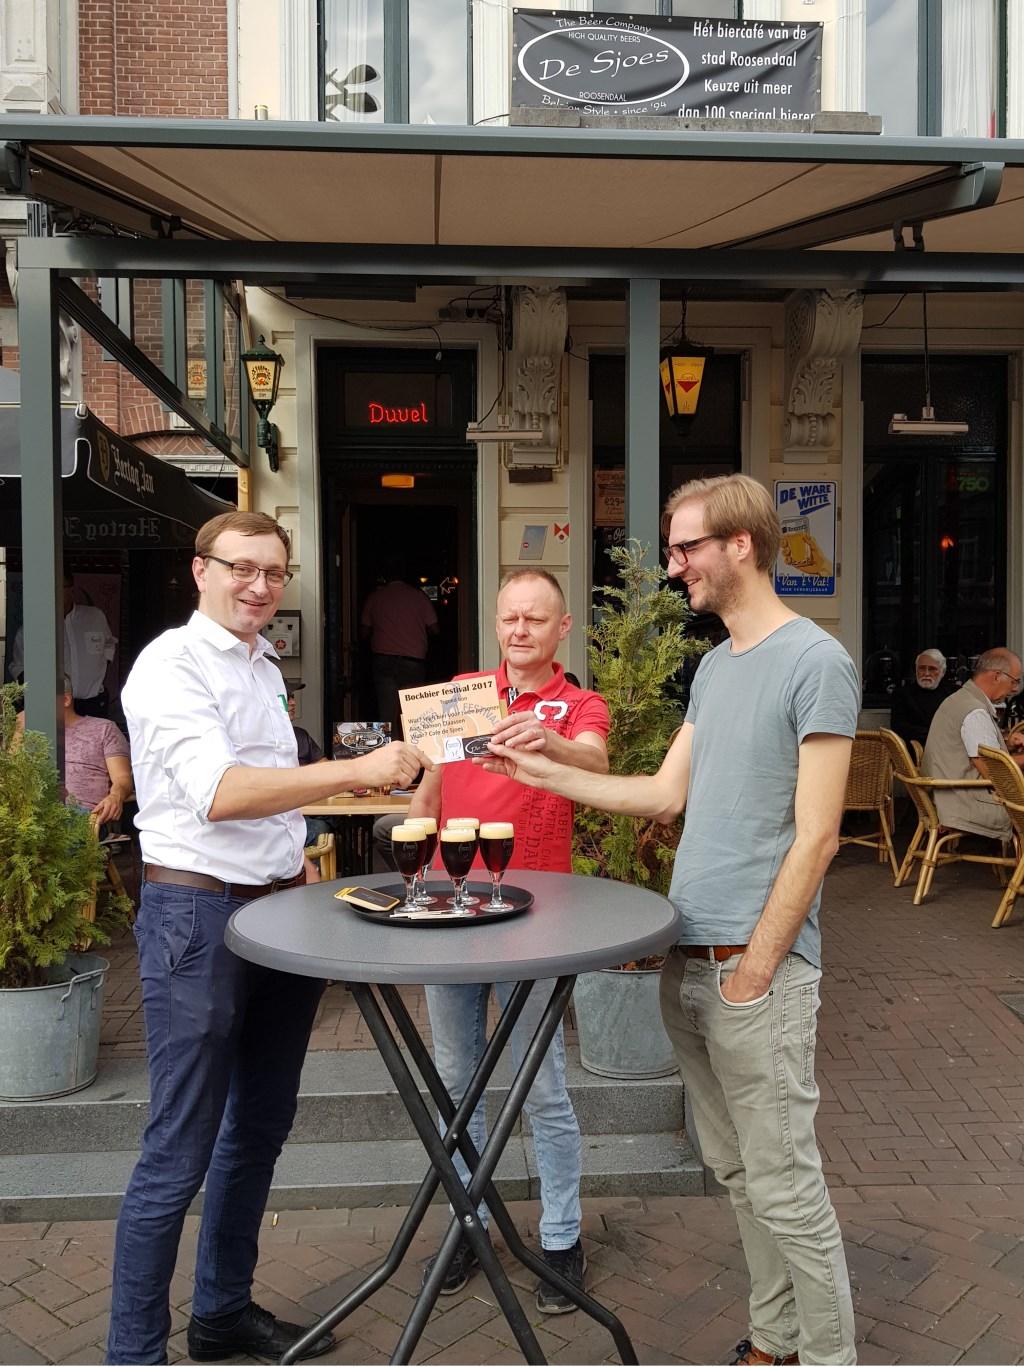 High Beer prijs uitreiking voor de winnaar die vorige jaar alle cafés was afgelopen. Foto: Maurice Hermans © Persgroep